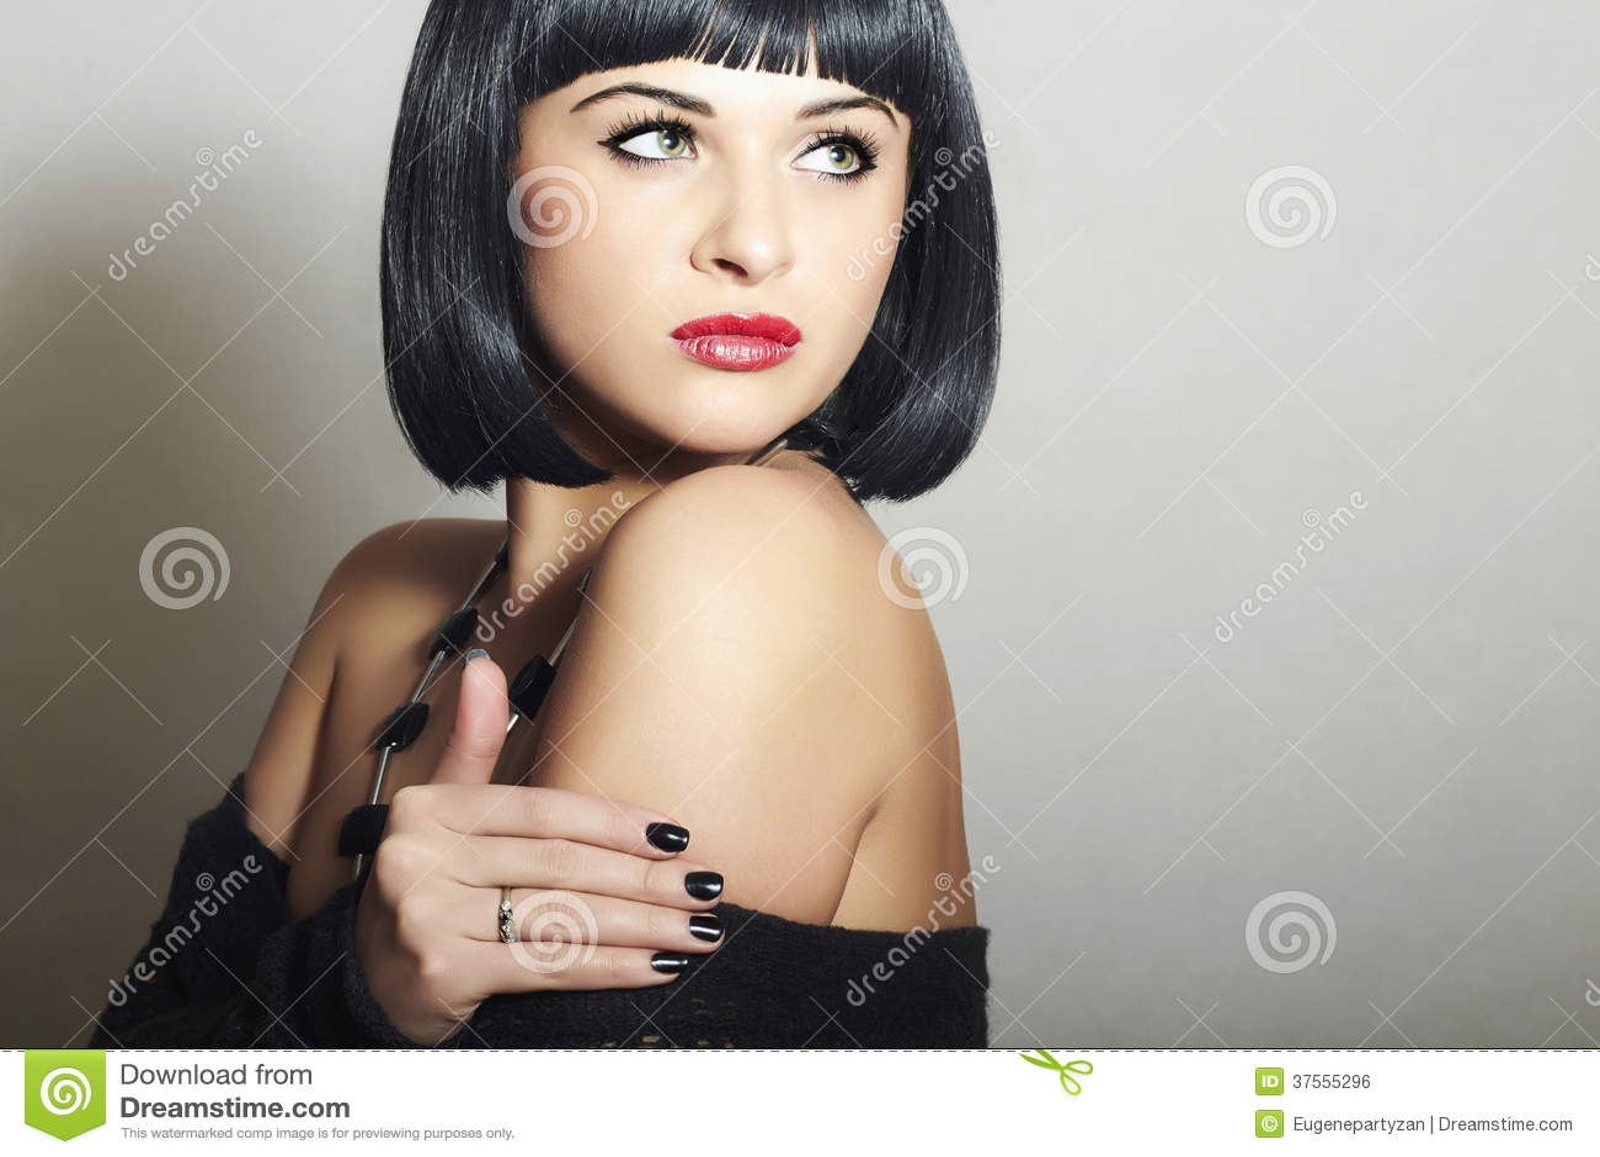 Стрижка брюнет молодая сексуальная Woman.bob Eautiful. красные губы